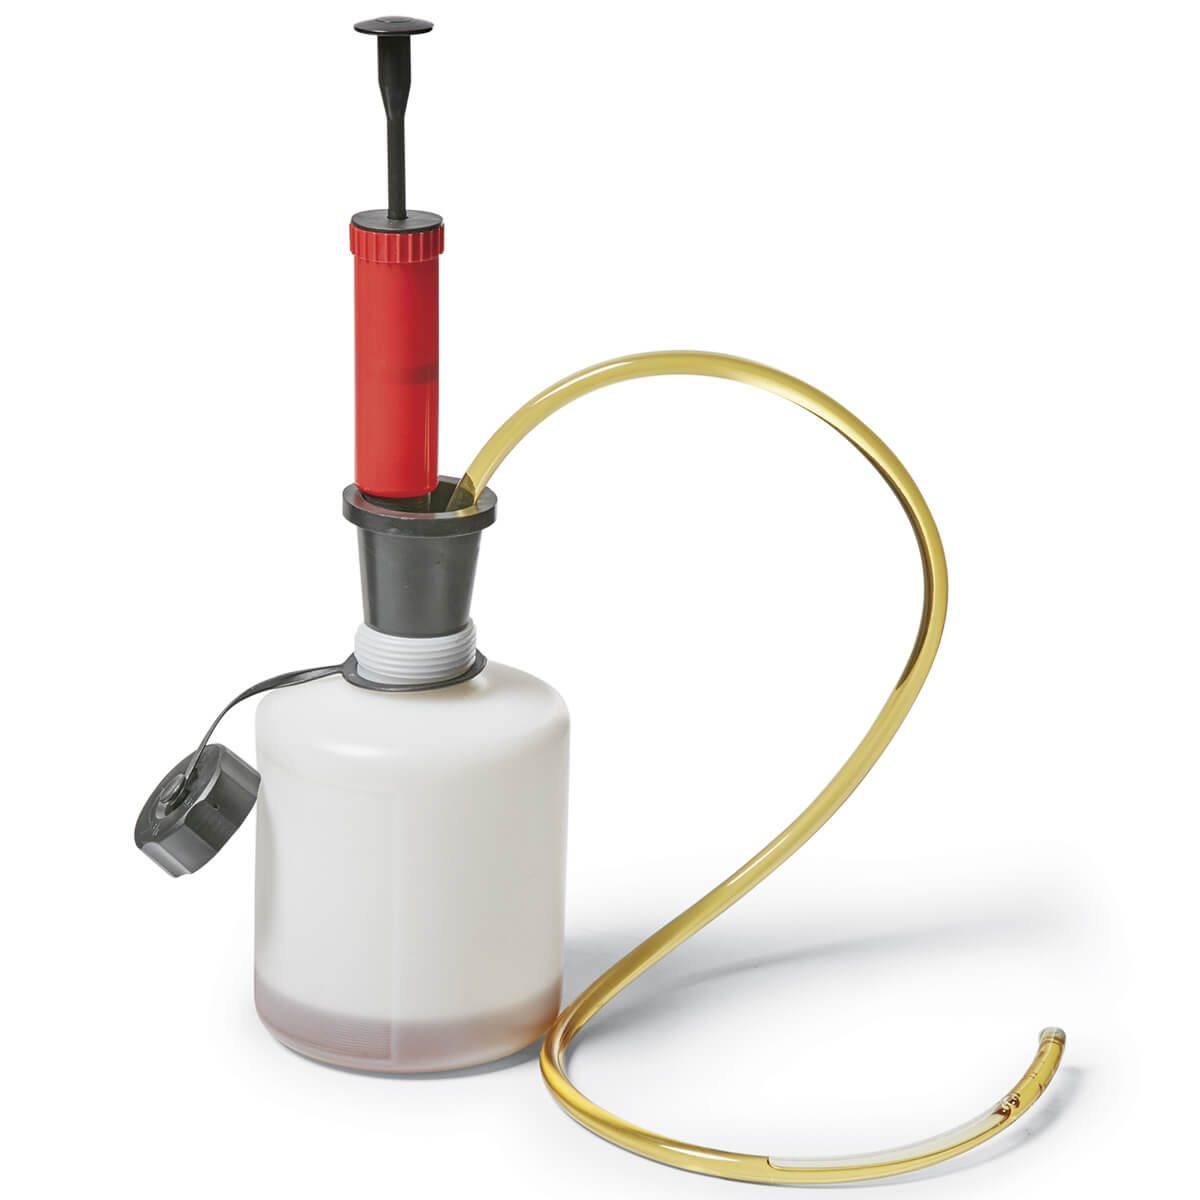 Briggs & Stratton oil pump